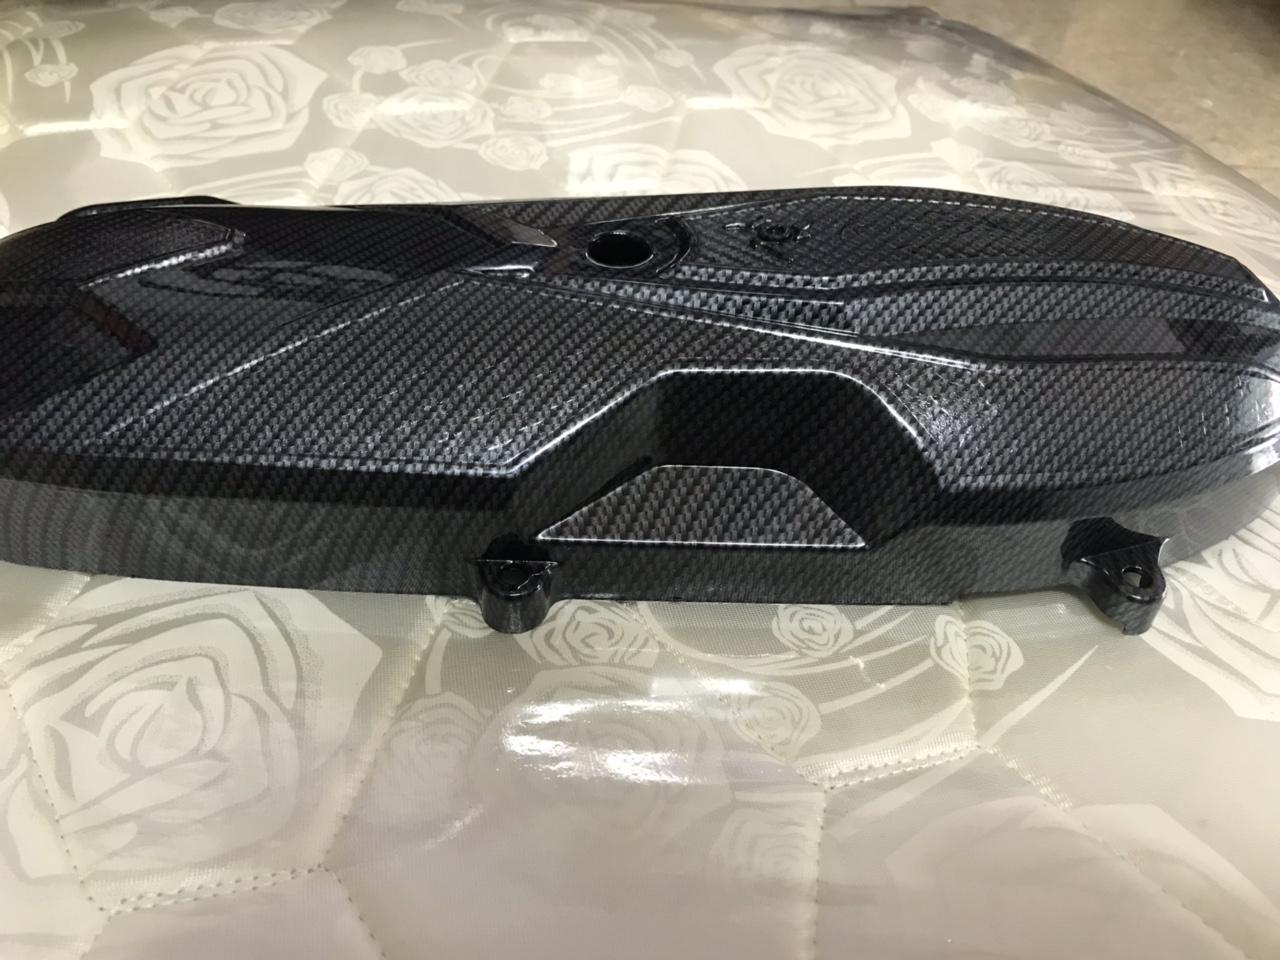 Ốp Lốc máy sơn carbon gắn Xe Vario,Airblade,PCX Hoáng Long